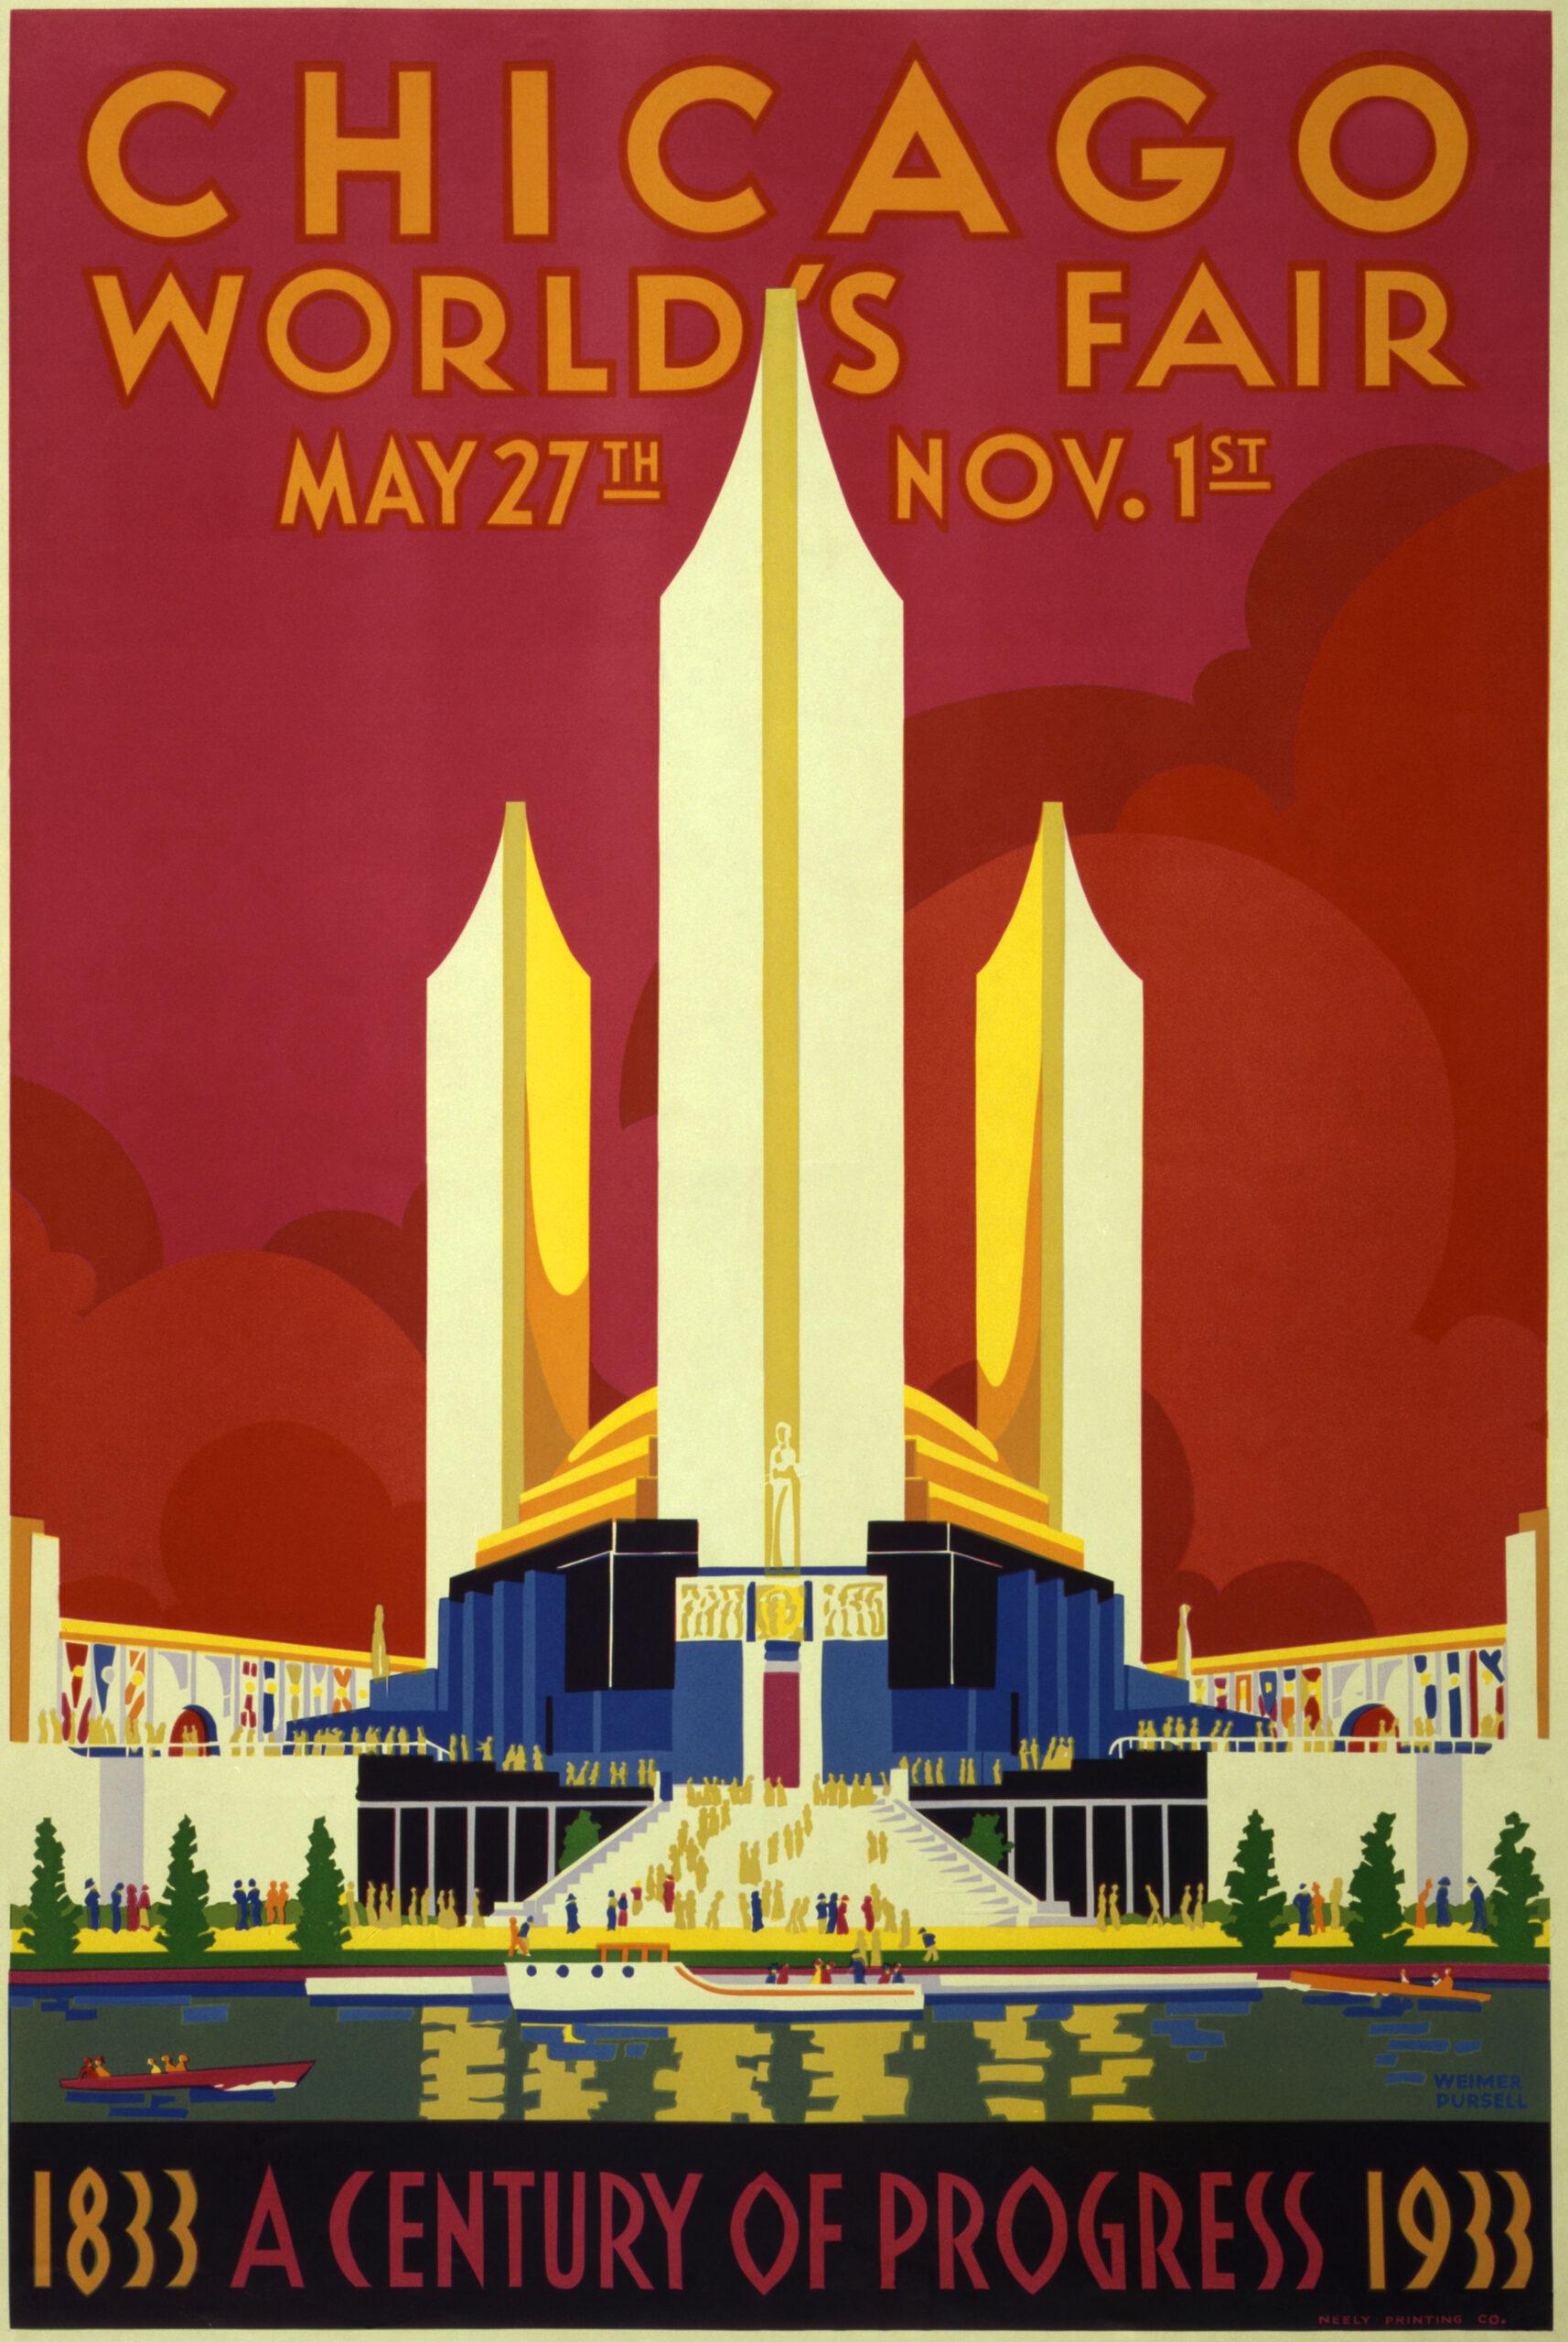 Chicago World's Fair Poster